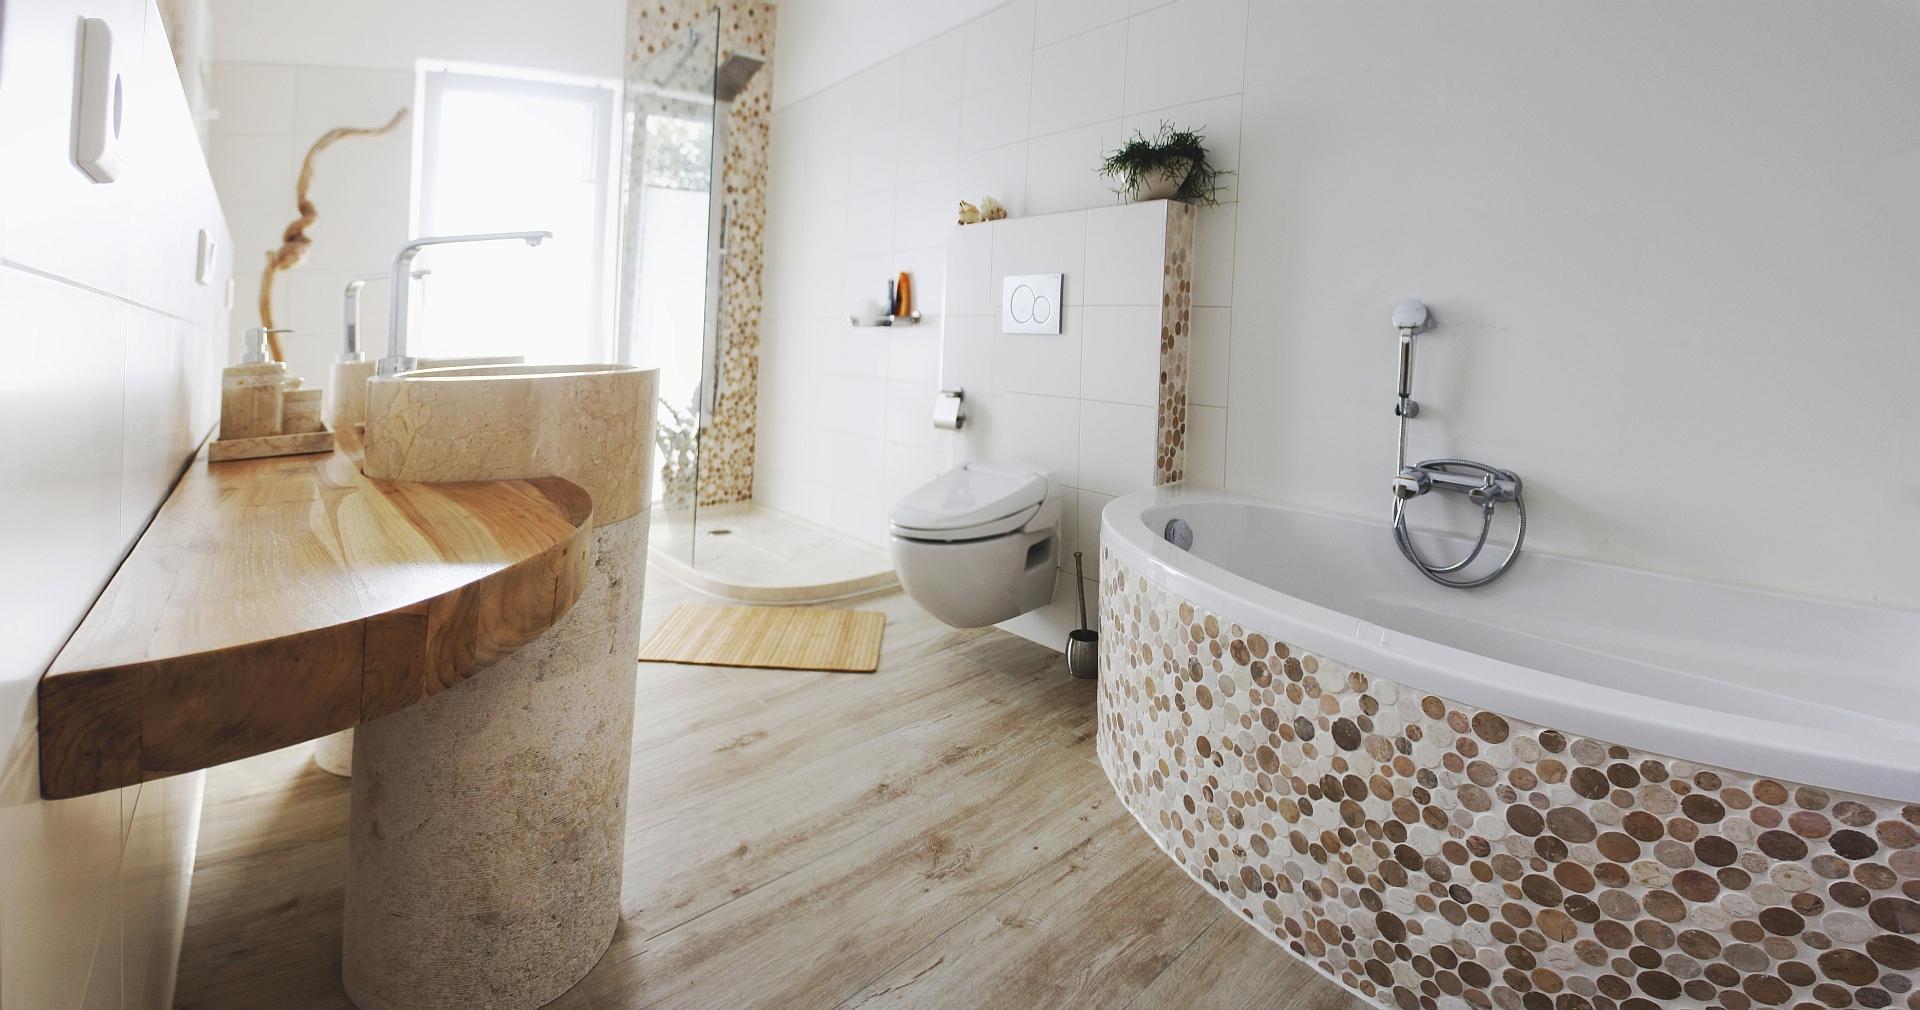 badezimmer braun creme badezimmer mosaik kleines bad badewanne fliesen farben - Badezimmer Braun Creme